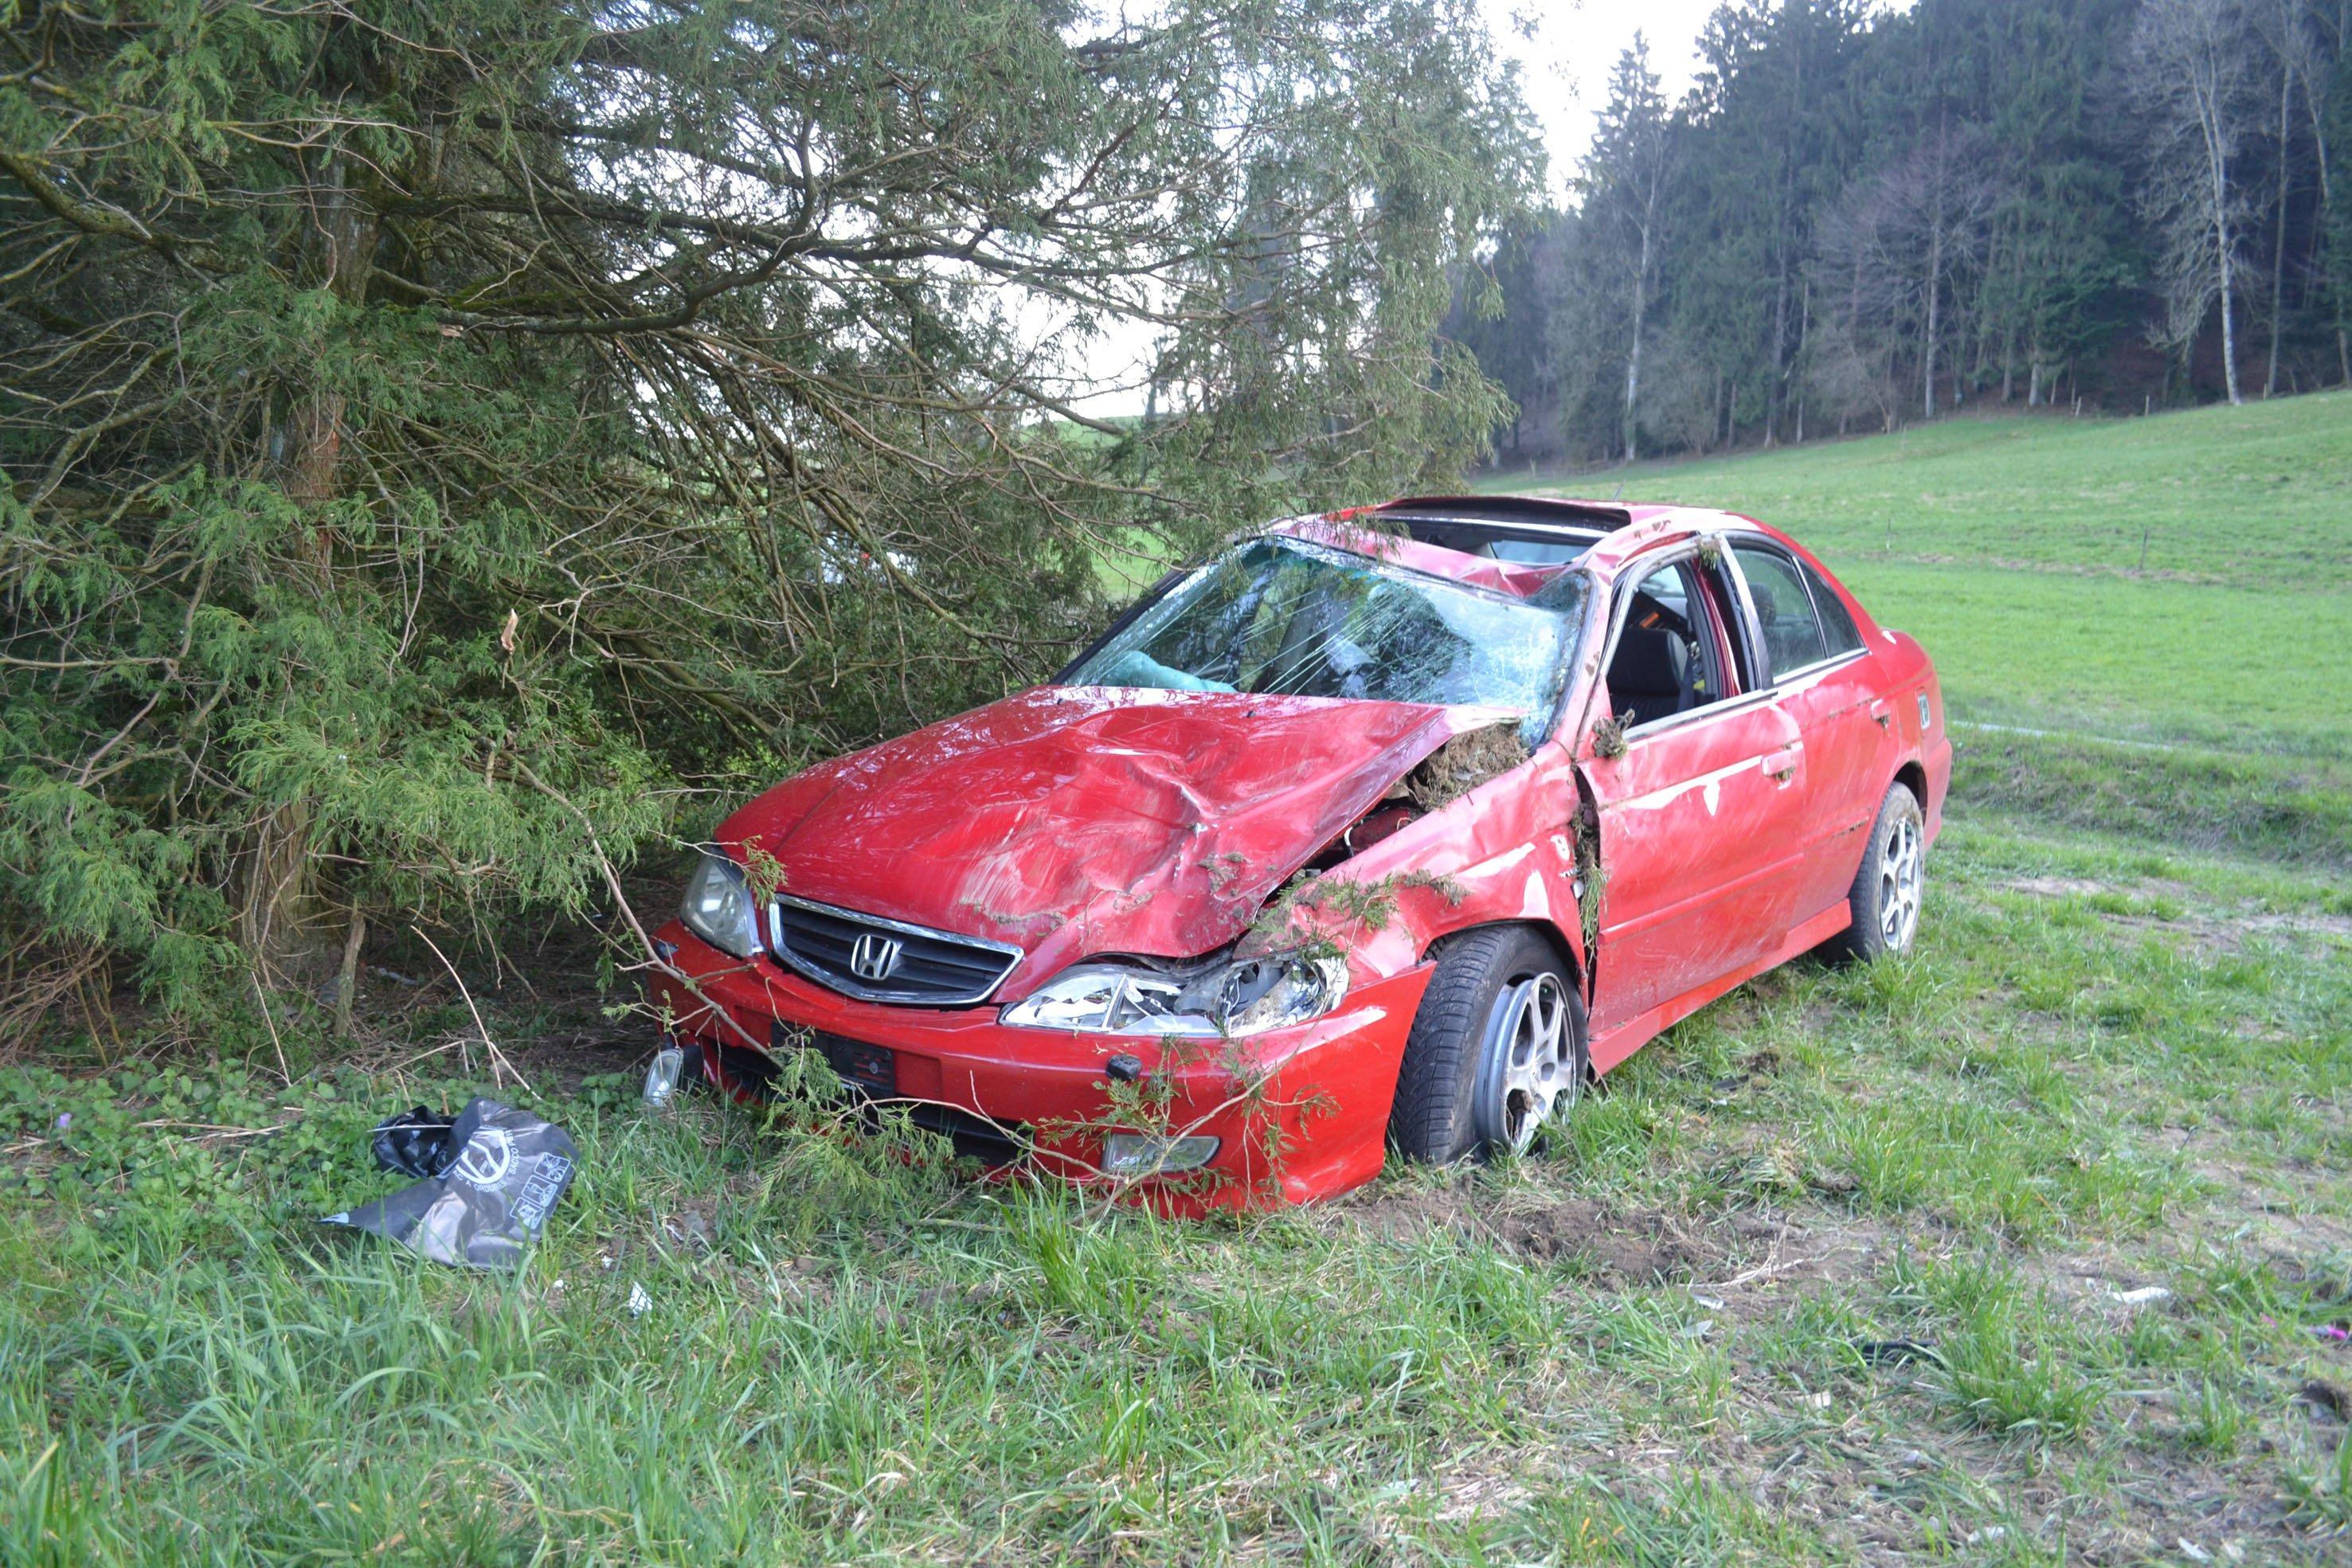 Beim Unfall entstand ein Sachschaden von mehreren tausend Franken.